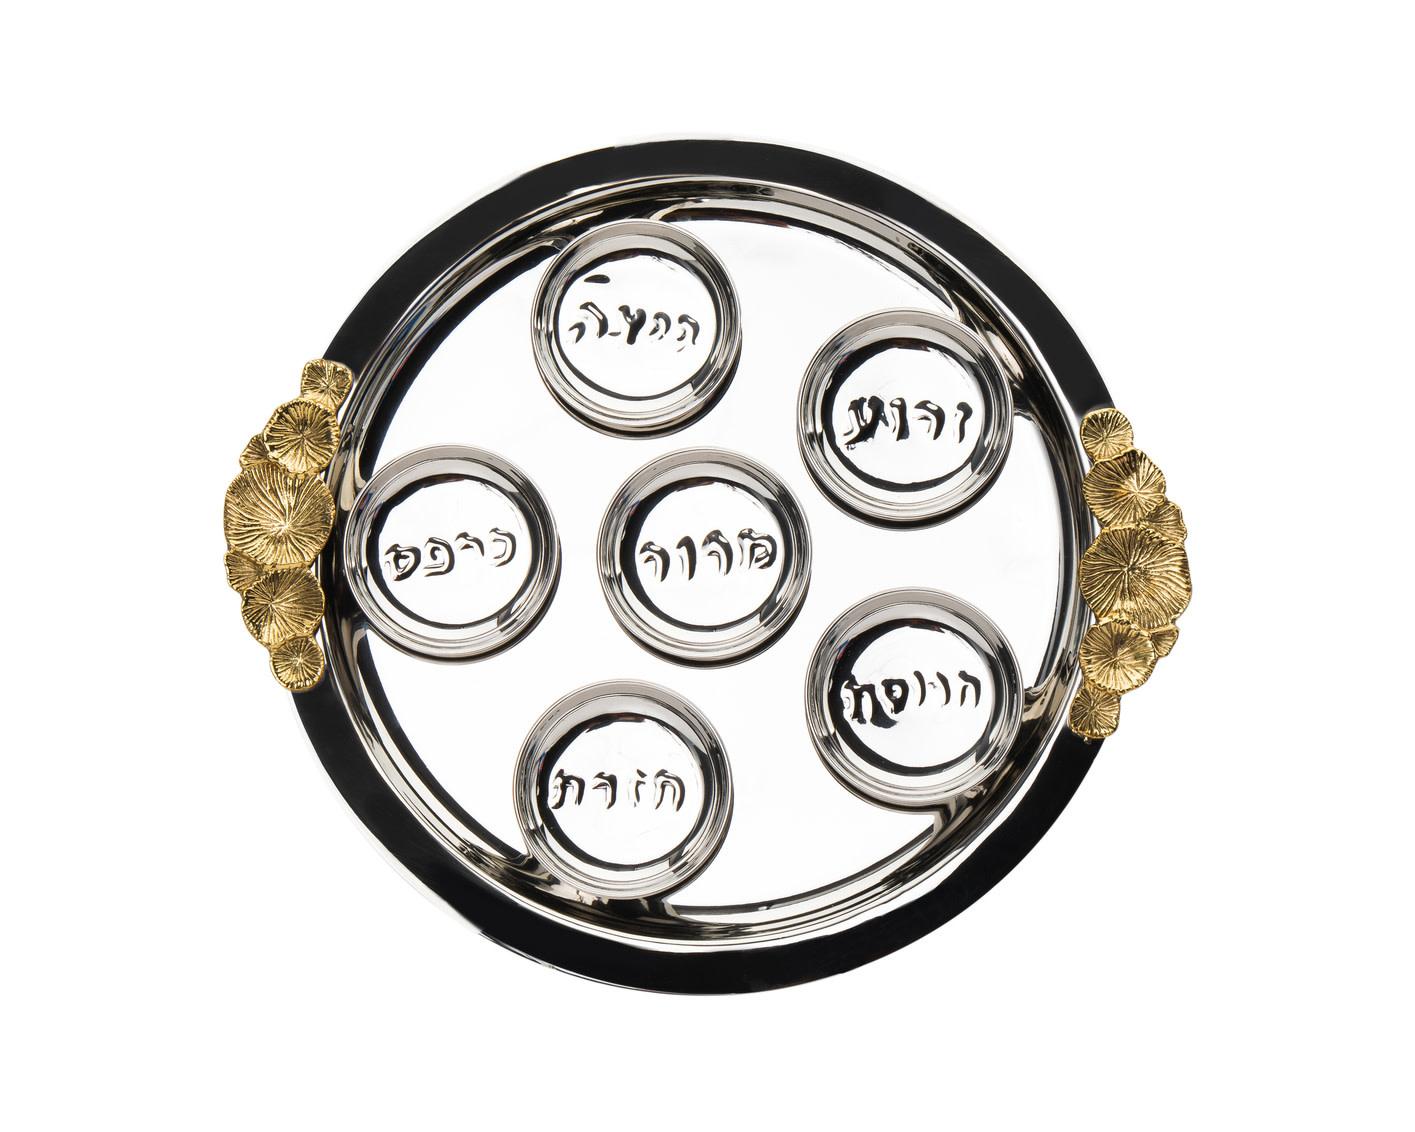 Mayfair Seder Plate